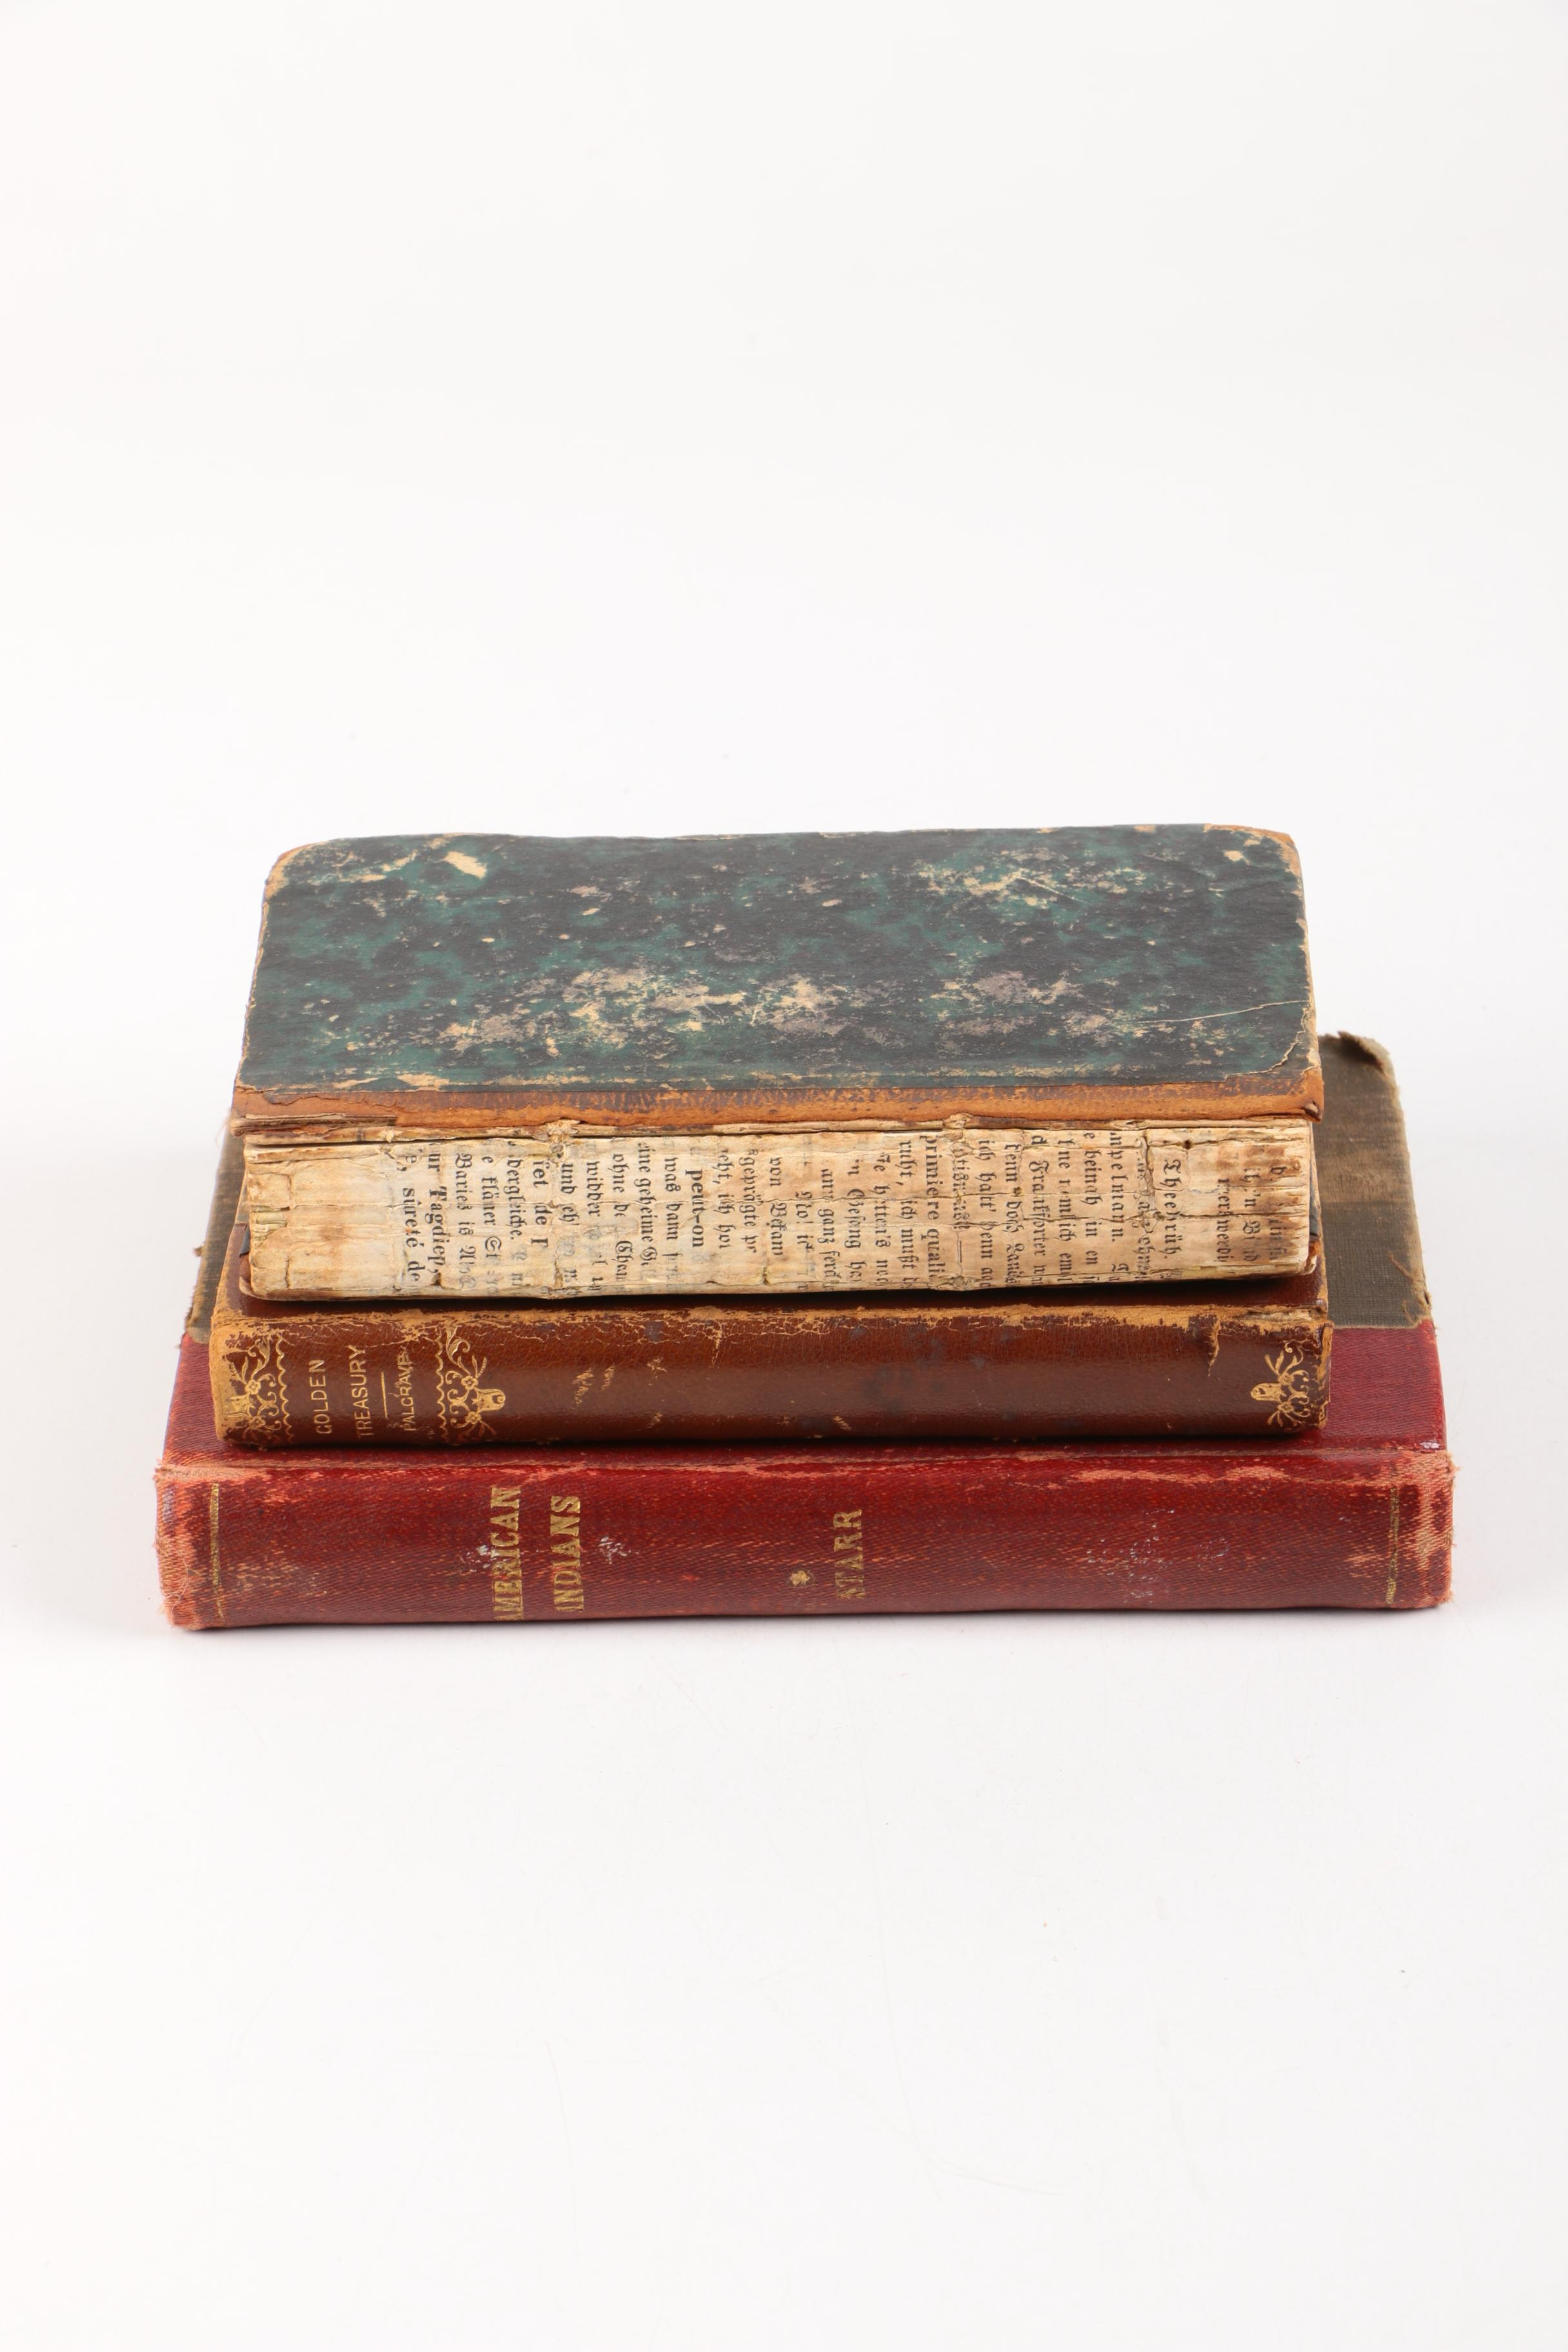 Assorted Antique Hardcover Books